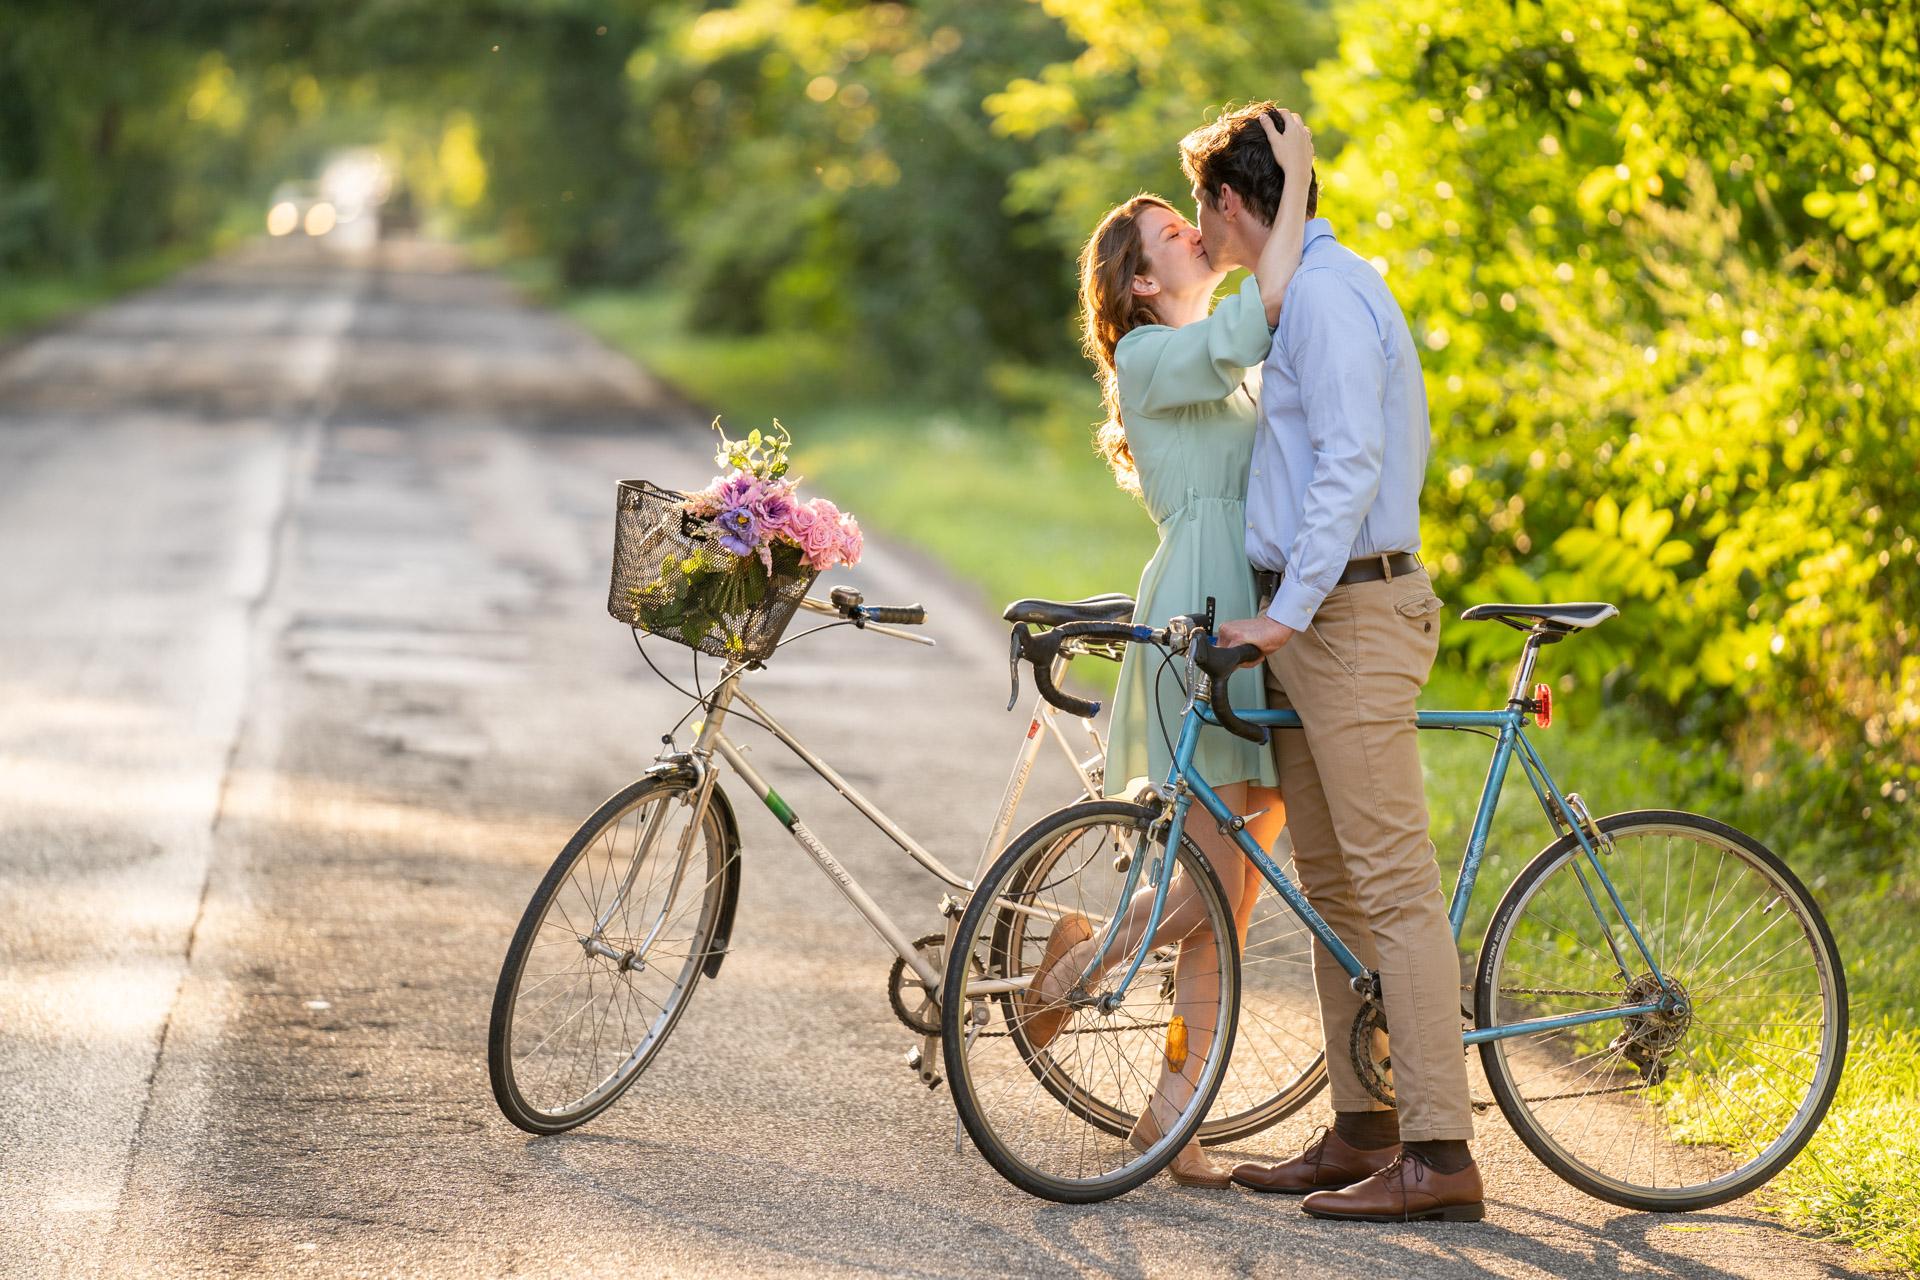 esküvő, esküvő fotózás, jegyesfotózás, jegyes, kisoroszi, kreatívfotózás, nóri és tamás, purephoto